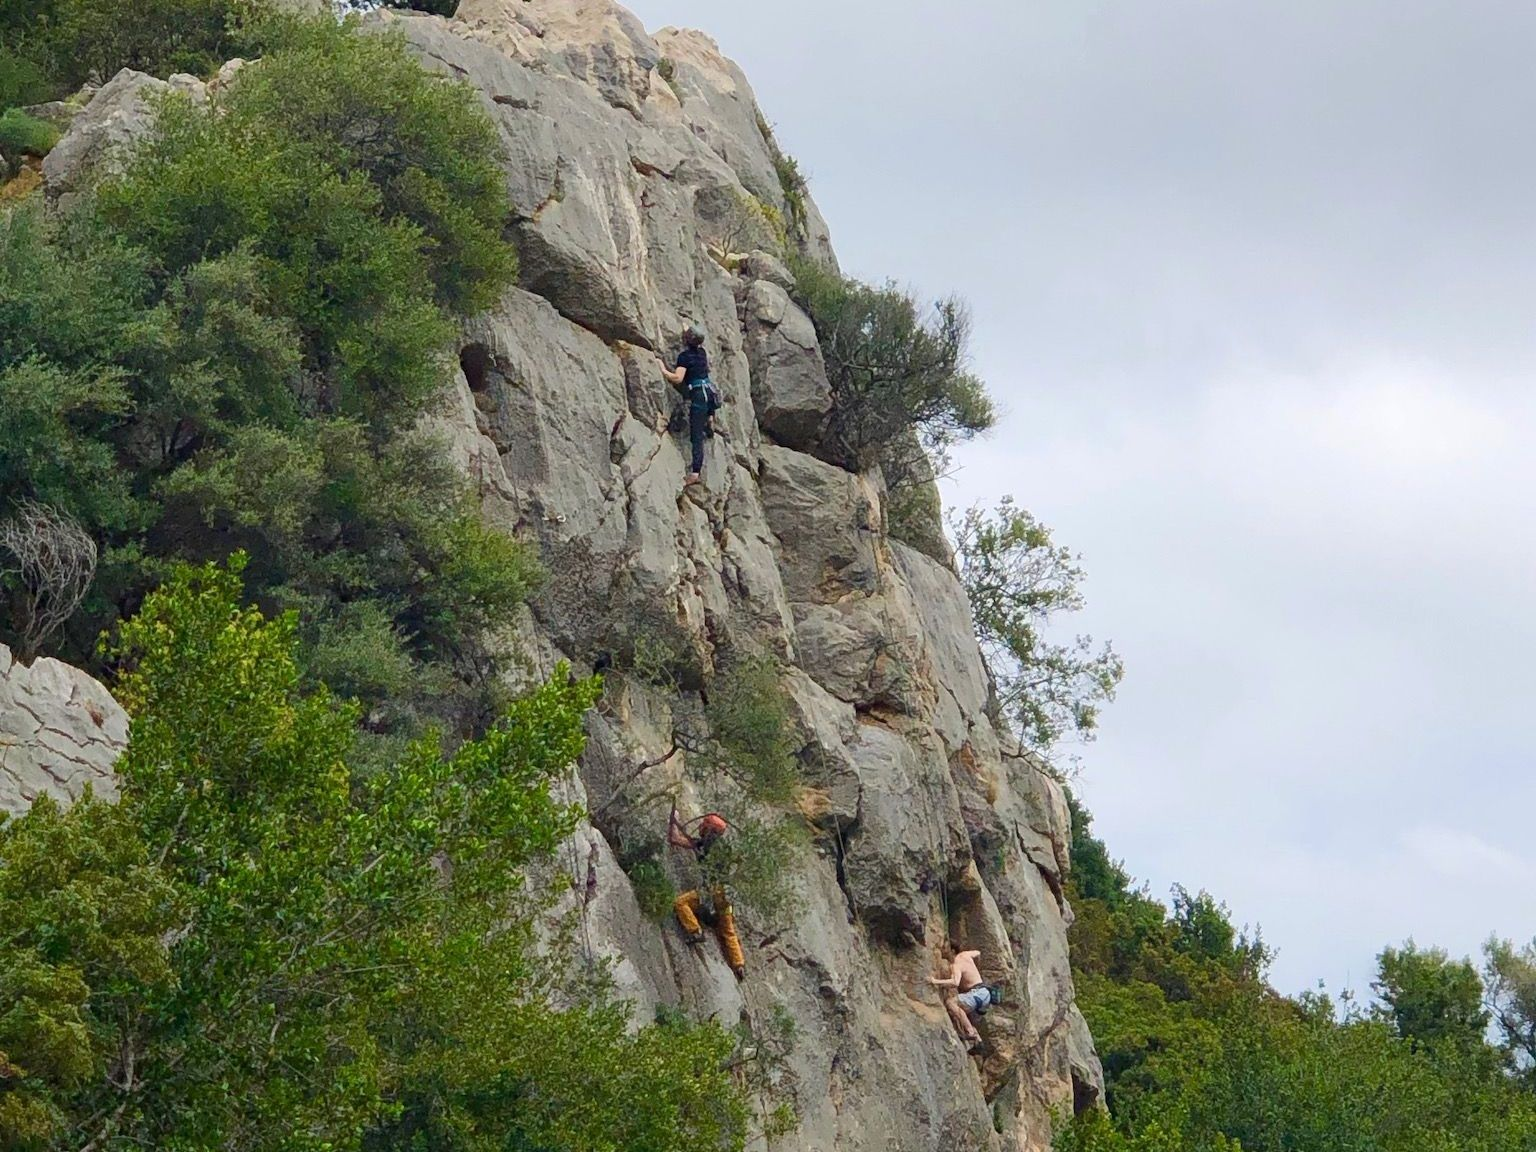 Die Felsen bei Cala Fuili sind auch bei Kletterern sehr beliebt. Foto: Sascha Tegtmeyer